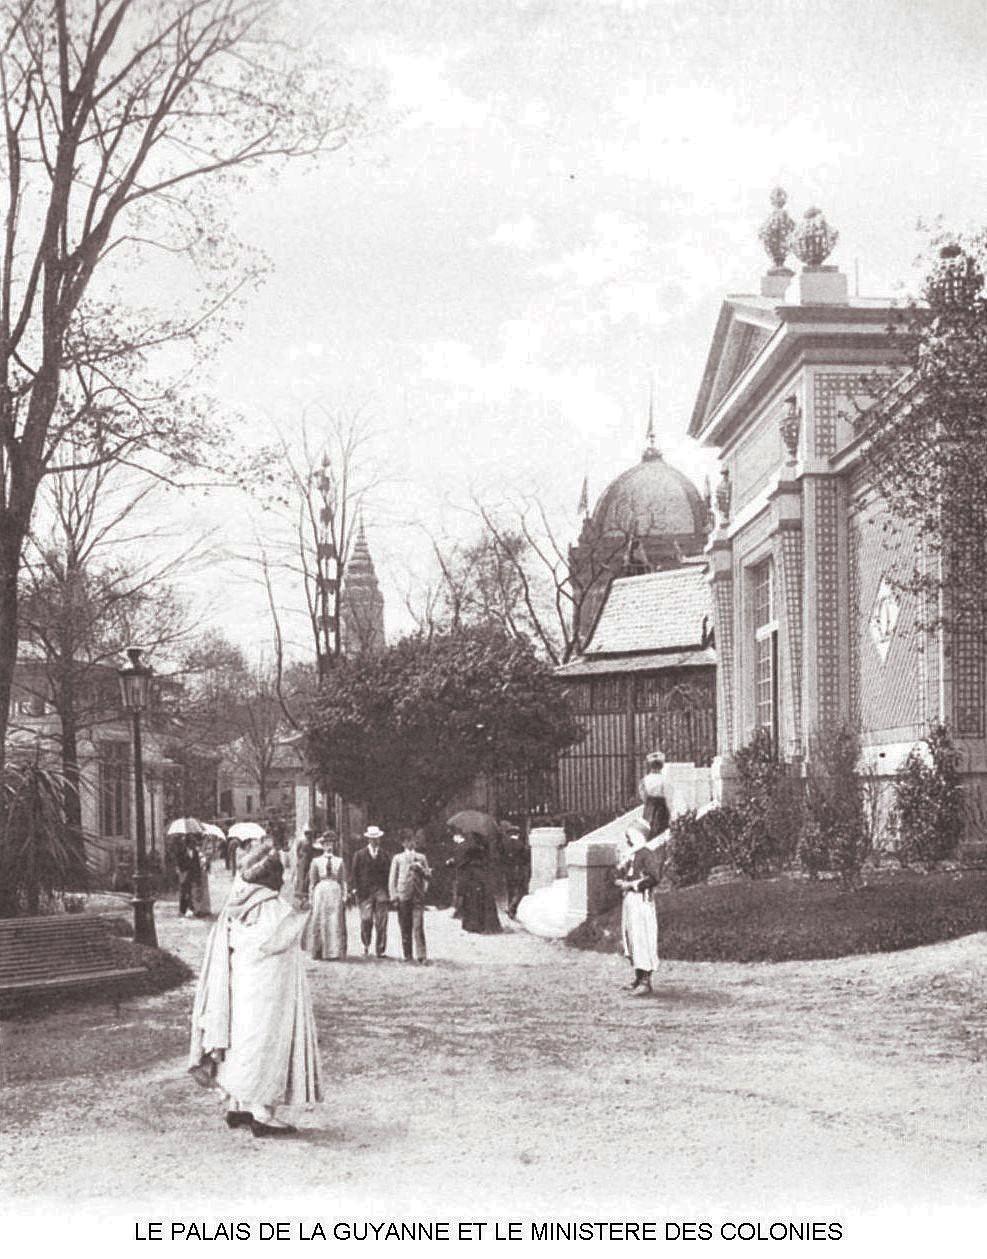 Ressources histoire exposition universelle 1900 le palais de la guyanne et le ministere des colonies